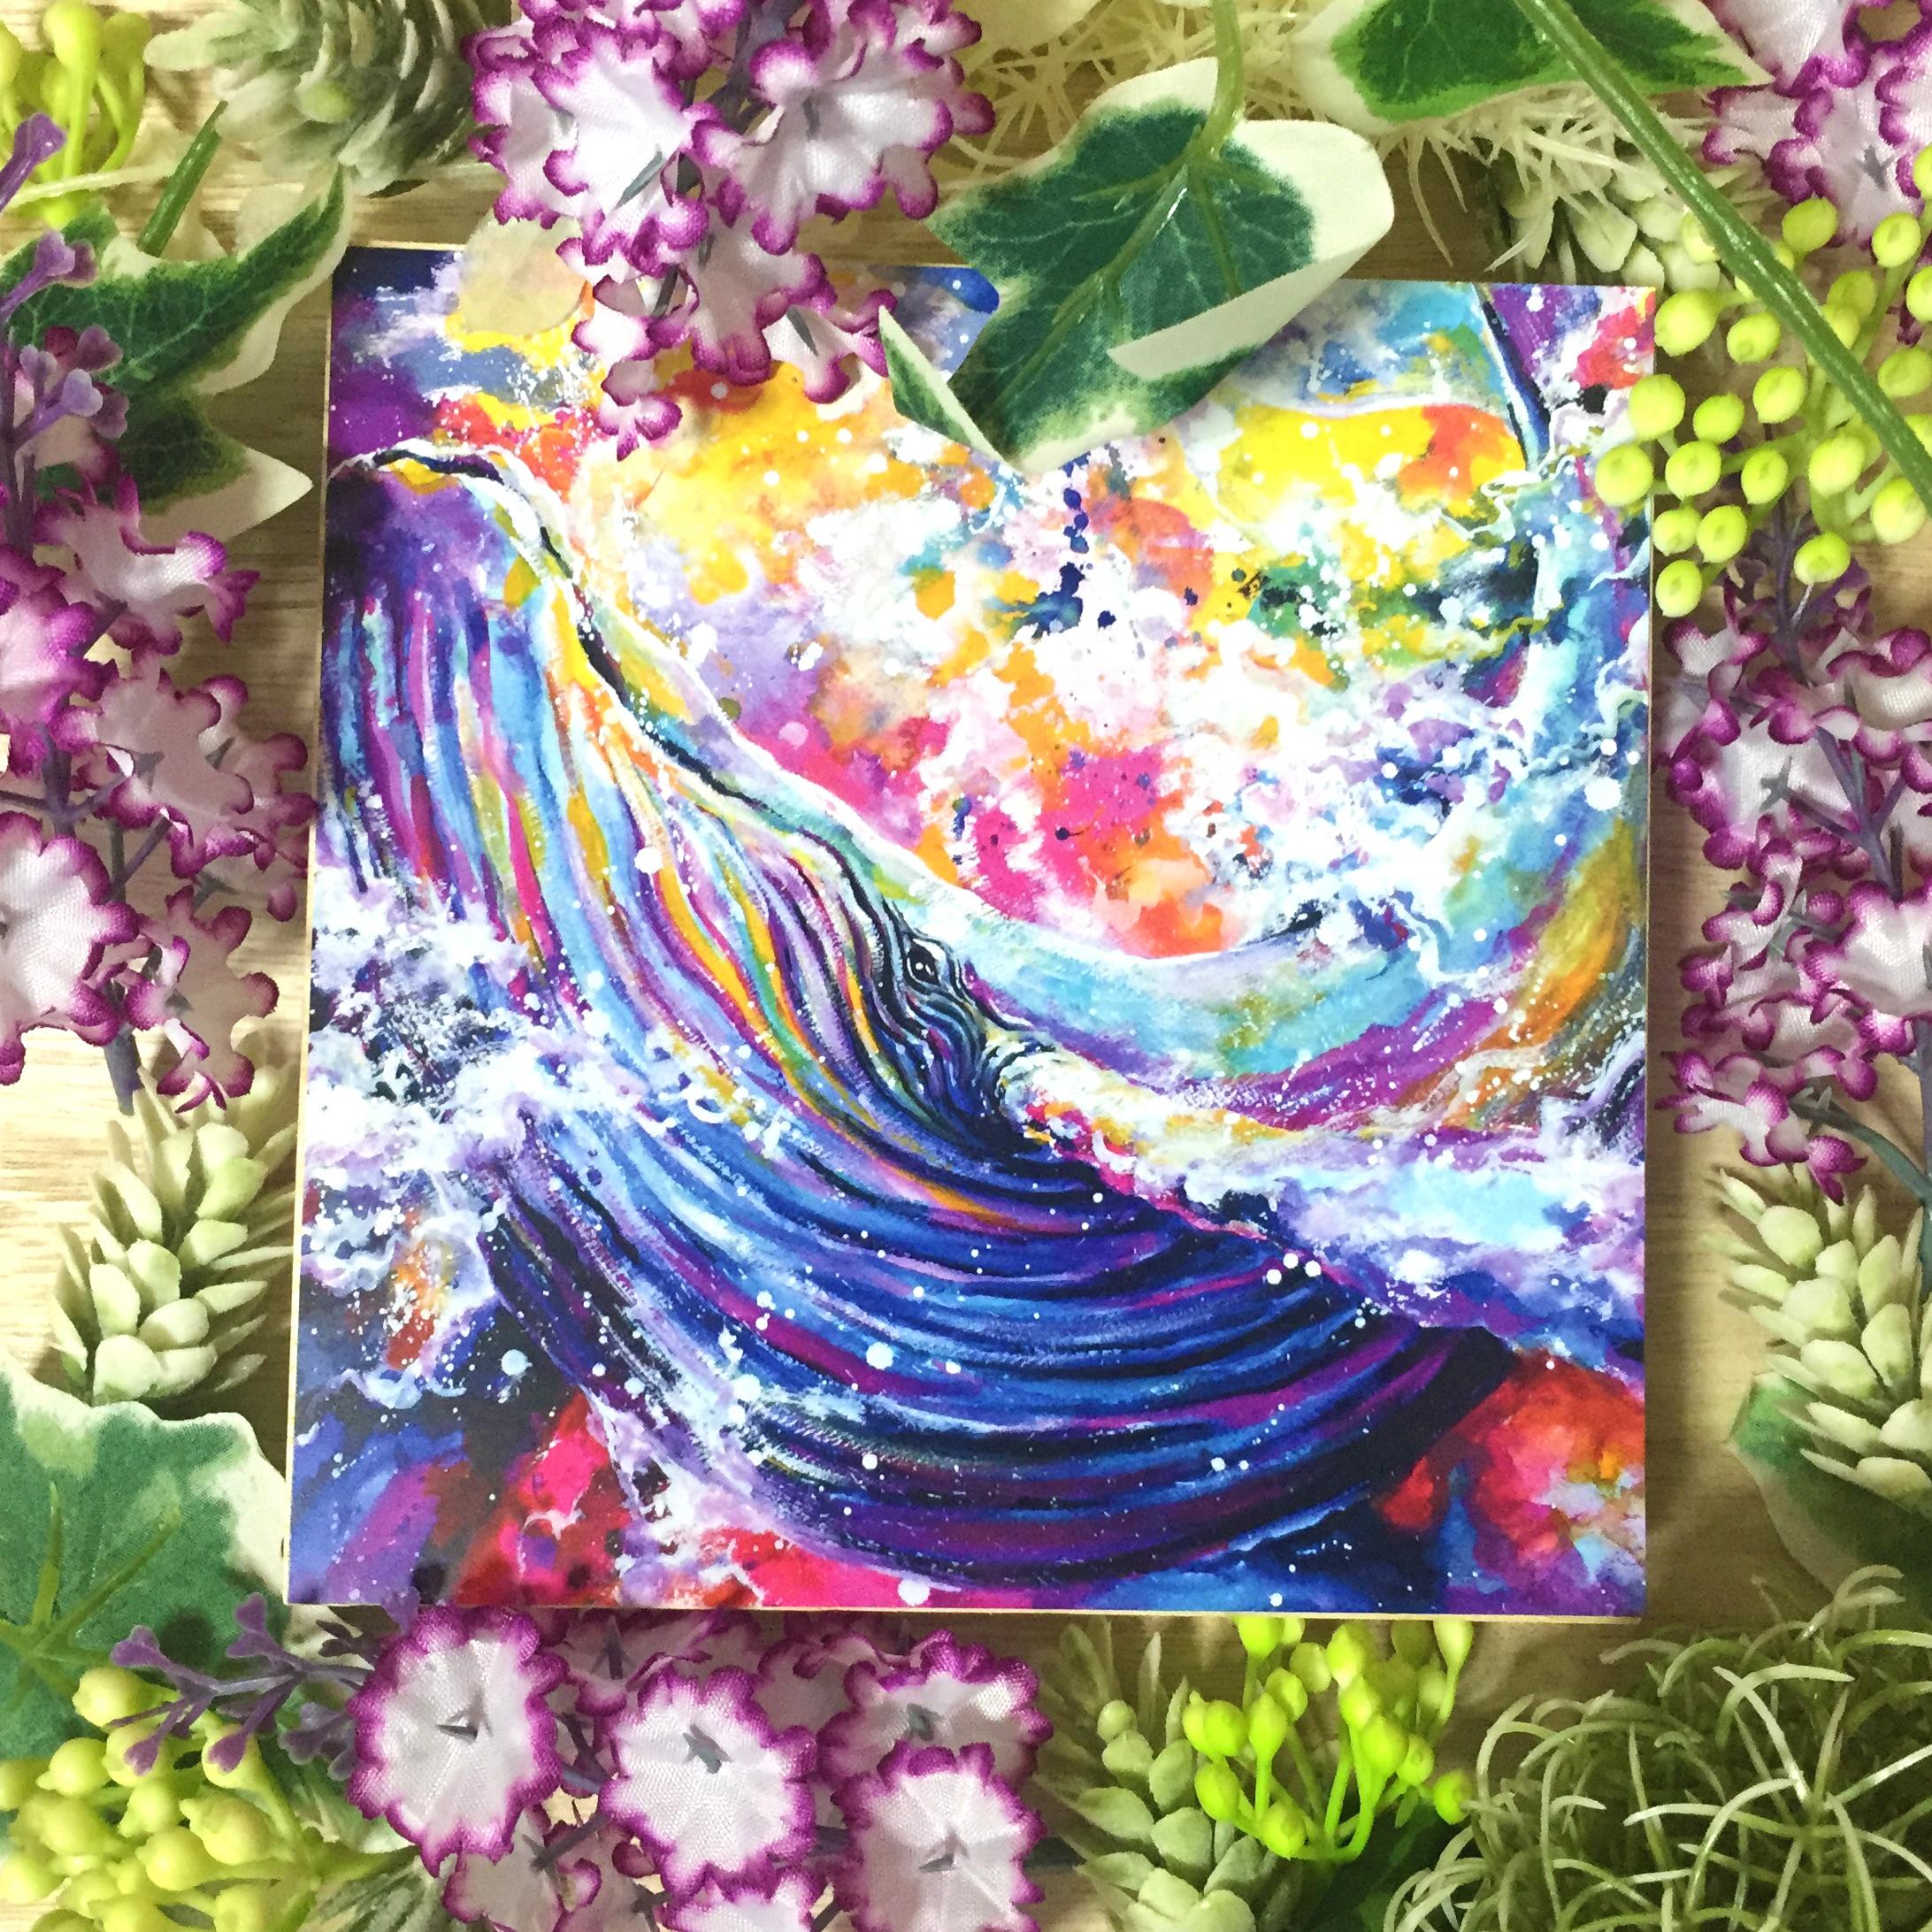 絵画 インテリア アートパネル 雑貨 壁掛け 置物 おしゃれ 水彩画 クジラ 動物 ロココロ 画家 : 平田幸大 作品 : 可能性を超えて